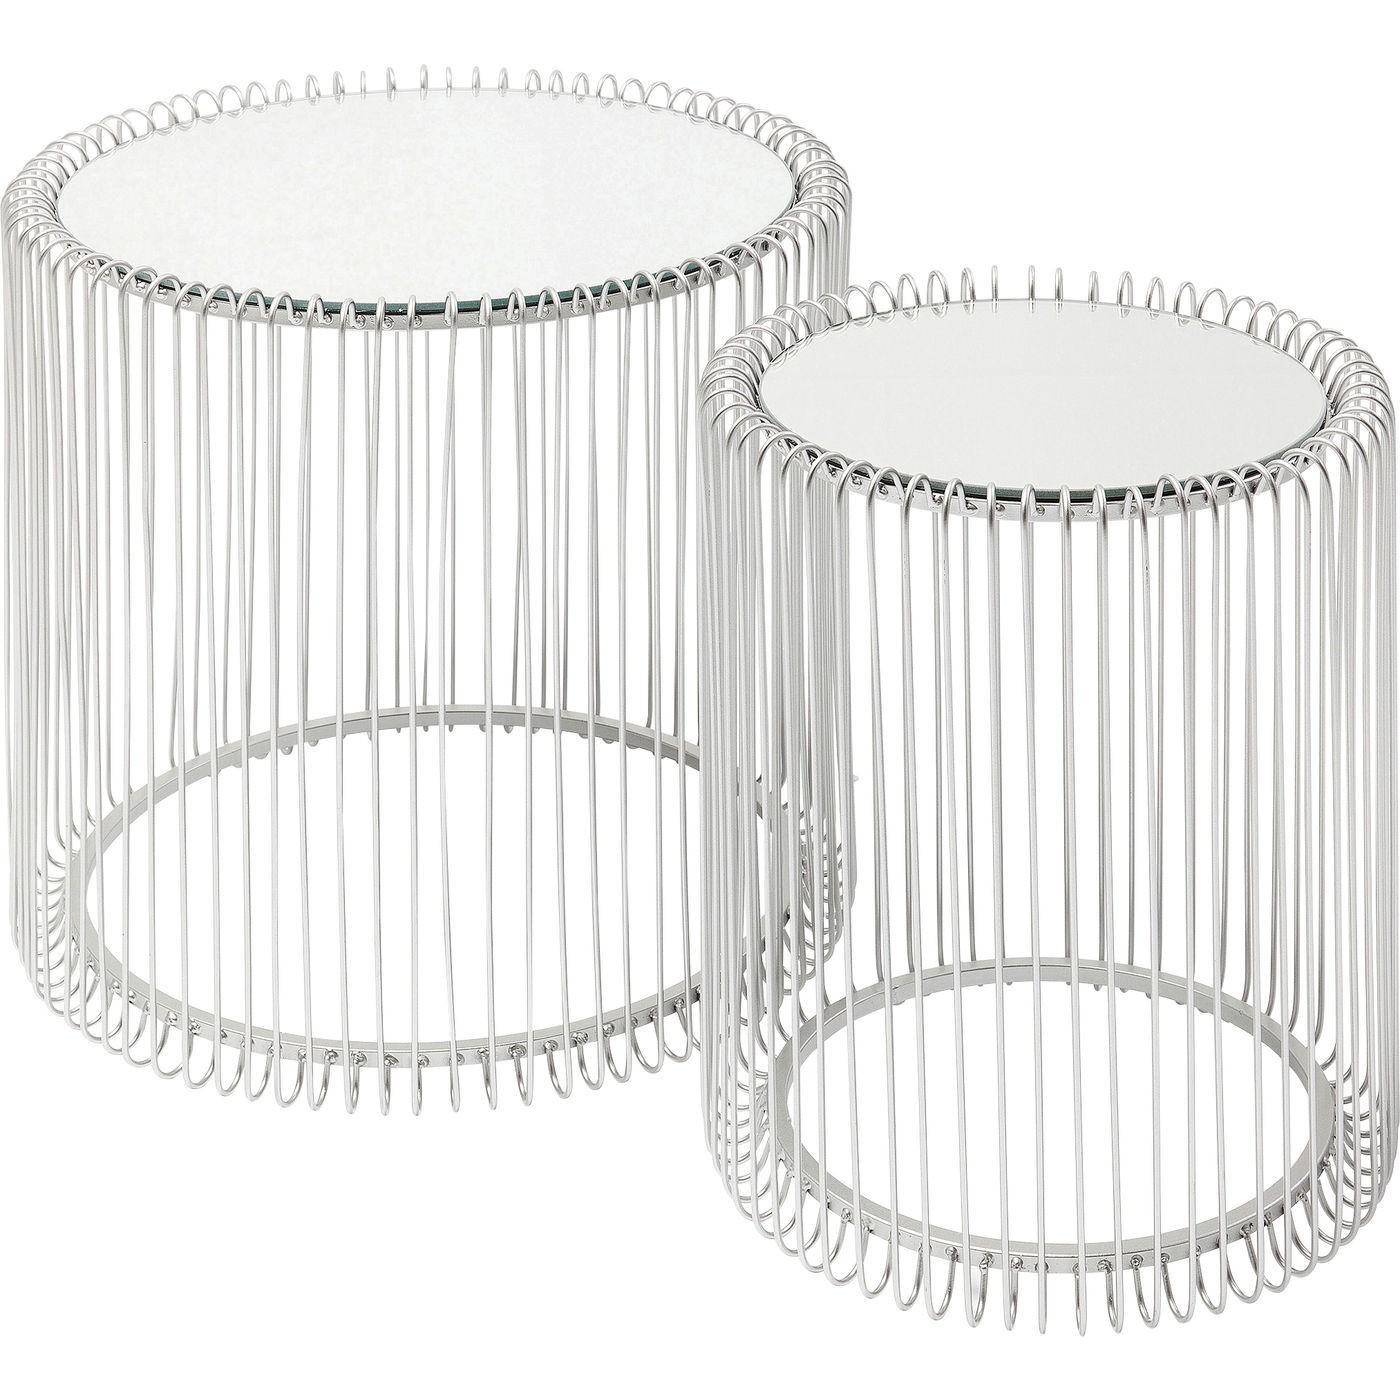 2 tables d'appoint rondes en acier argenté et verre miroir